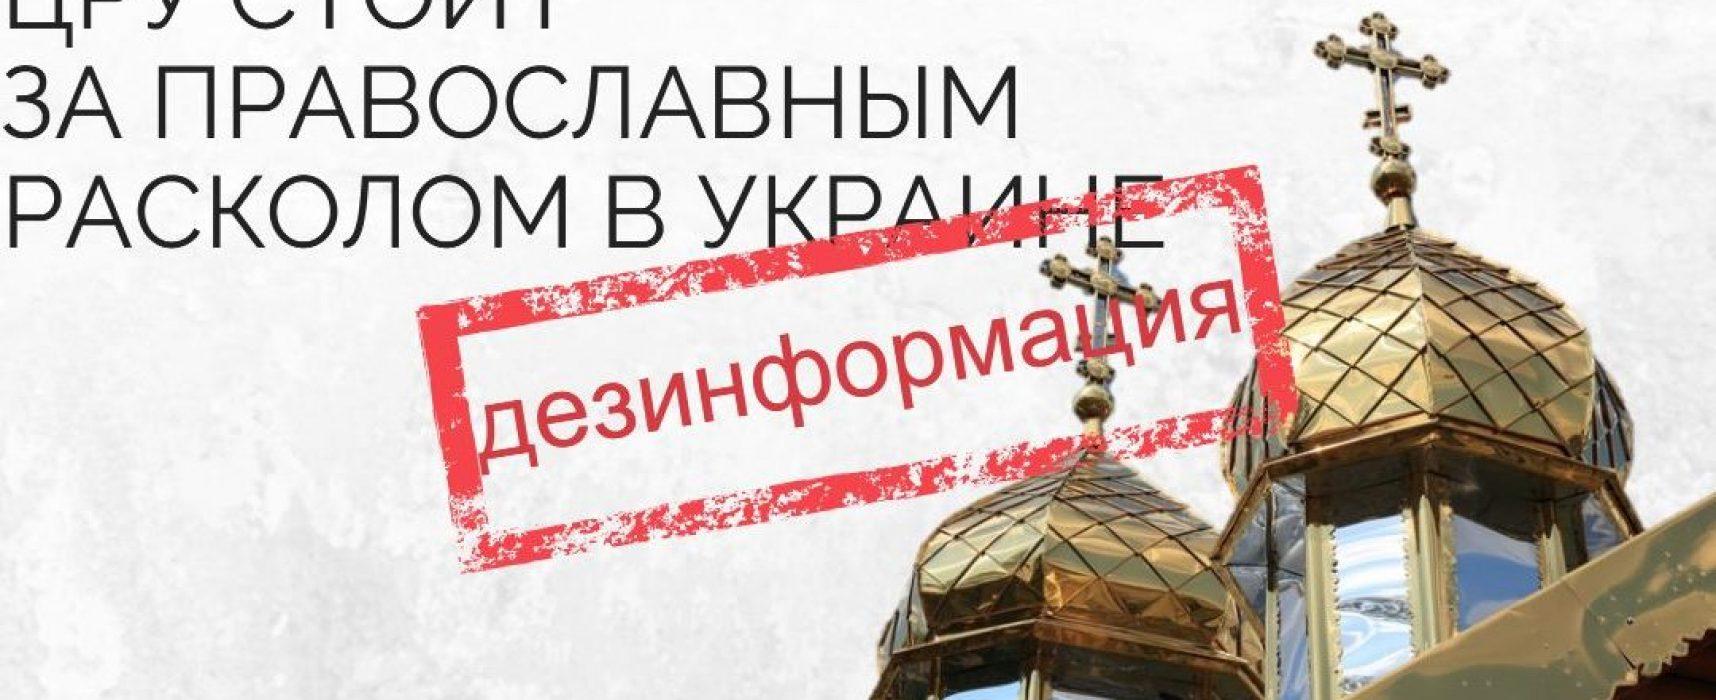 Вы все неправильно поняли: Россия невиновна, виноват всегда Запад